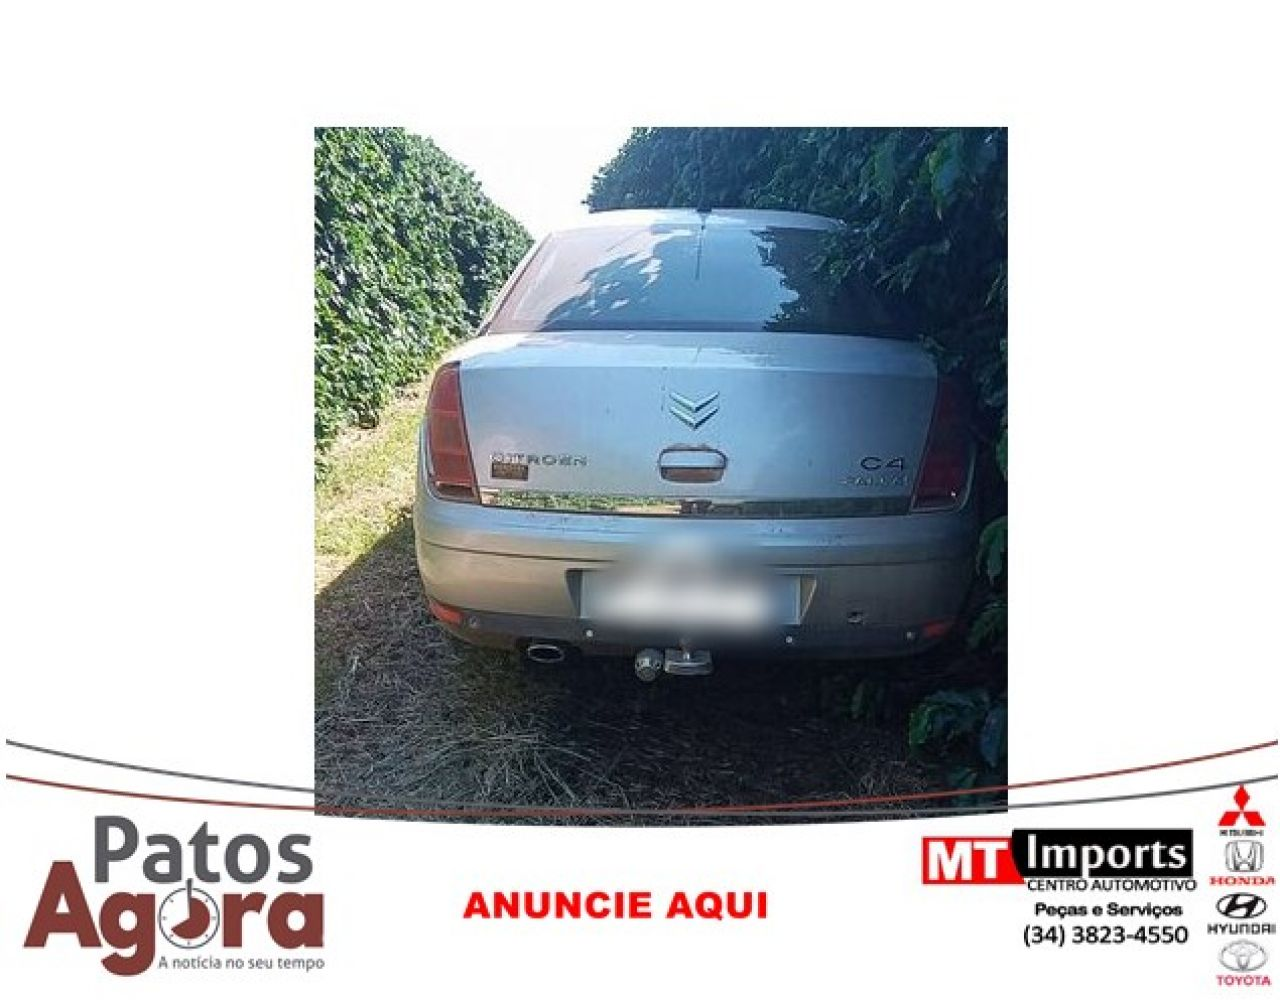 PM localiza carro roubado em cafezal; um dos bandidos estava armado com uma pistola